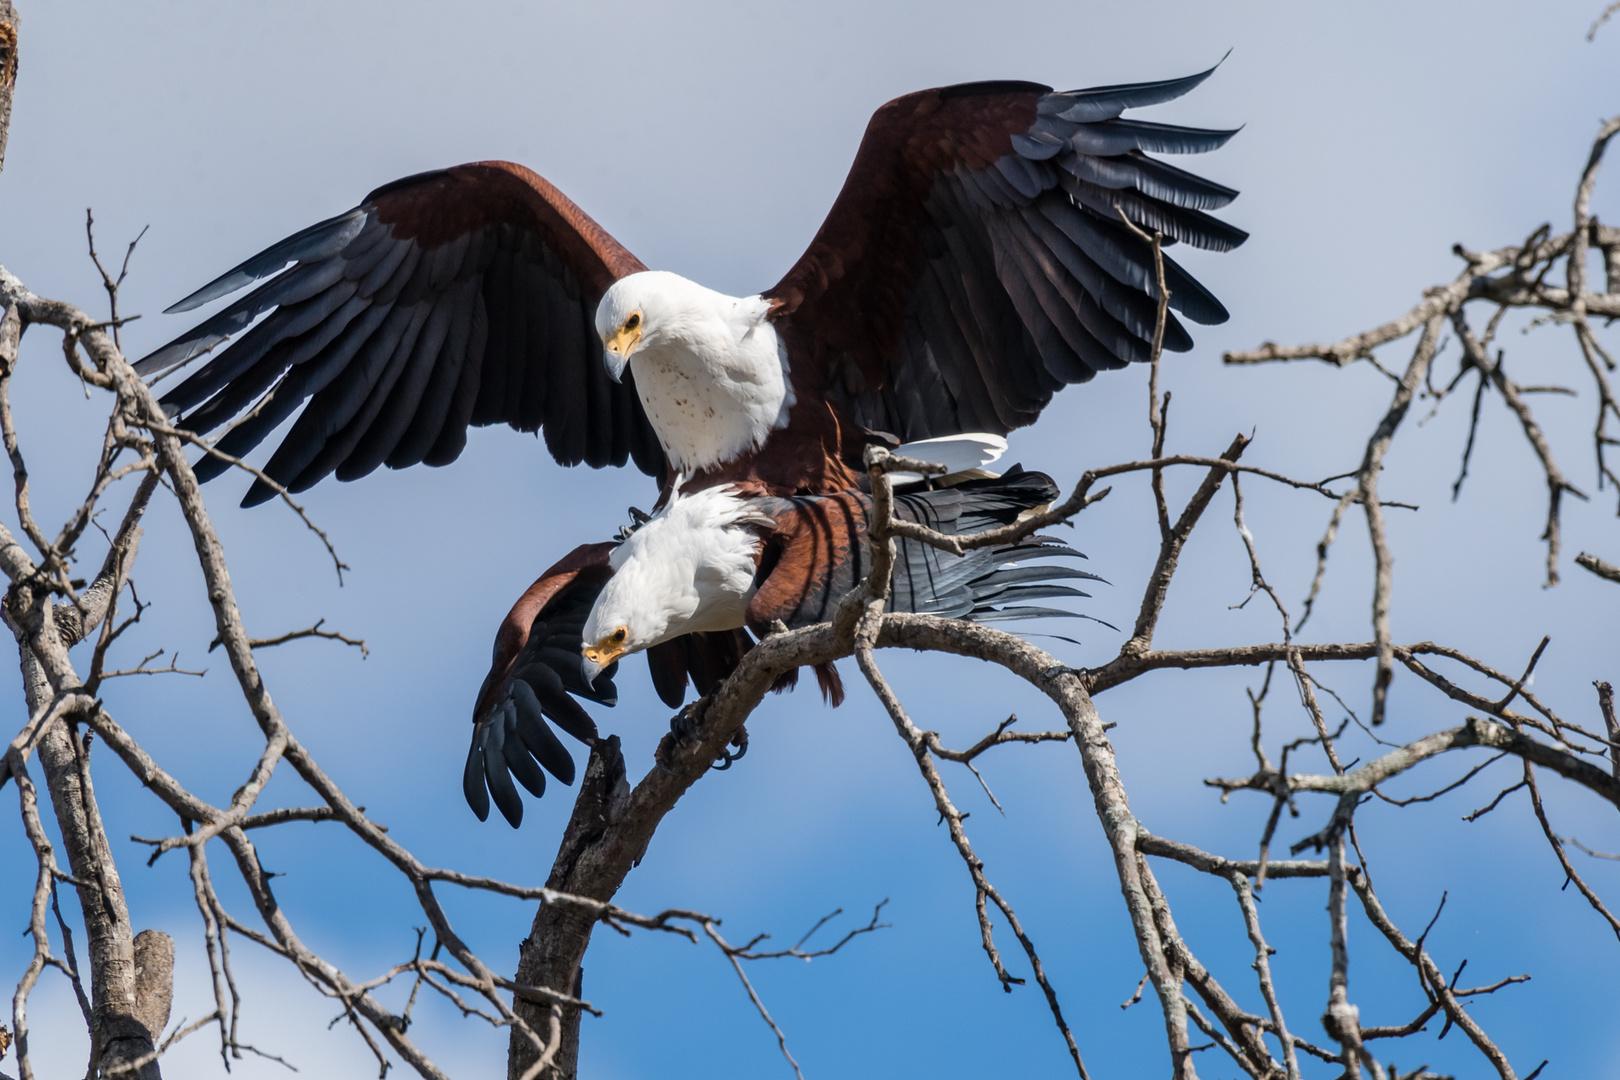 Paarung der Schreiseeadler (African Fish Eagle)